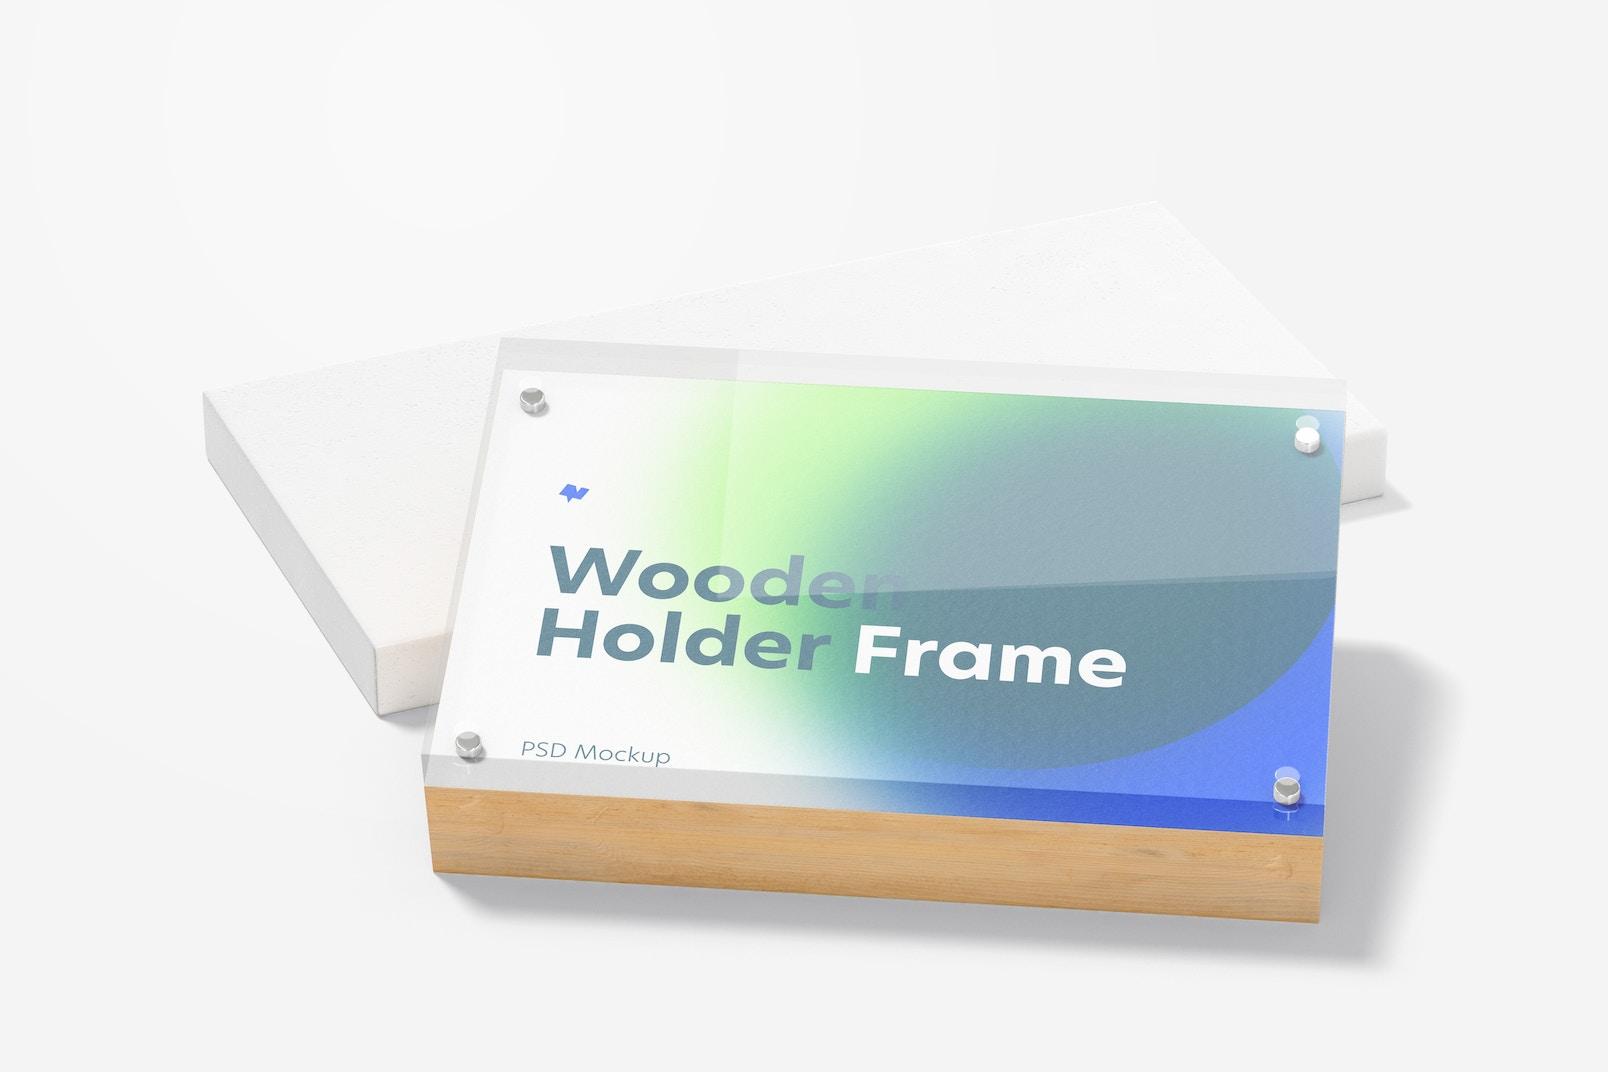 Wooden Label Holder Frame Mockup, Leaned